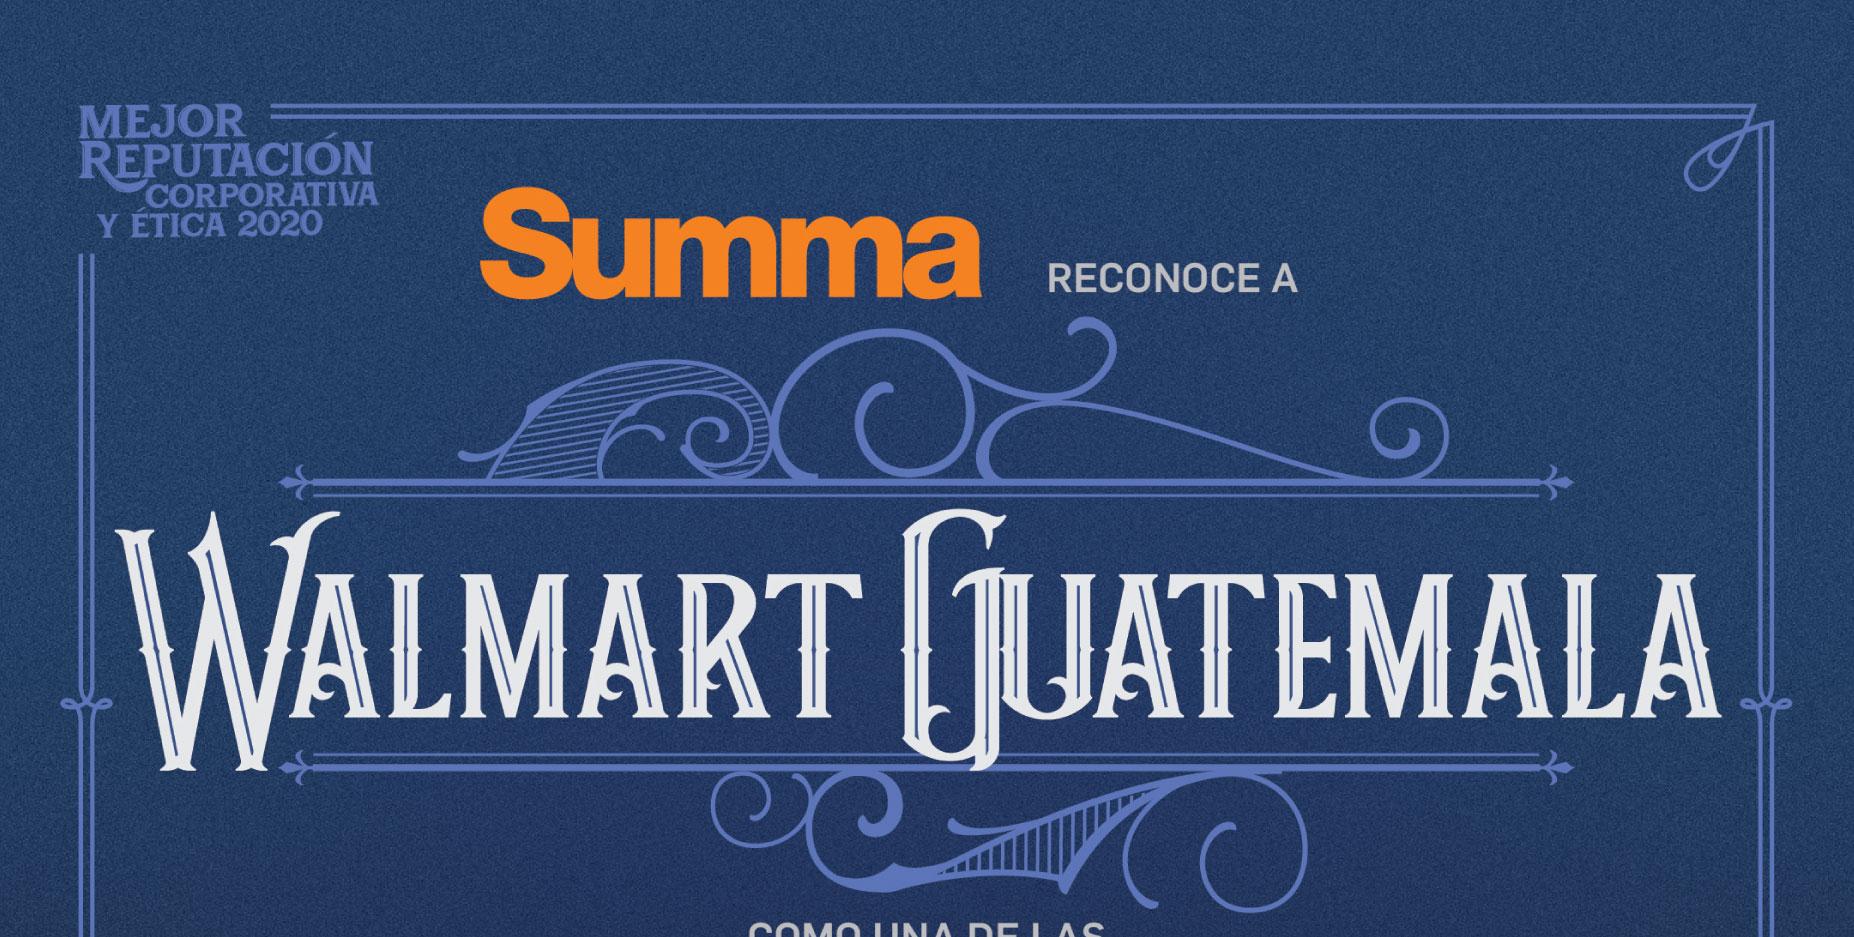 Walmart Guatemala es reconocida en el ranking de Empresas con la Mejor Reputación Corporativa de América Central